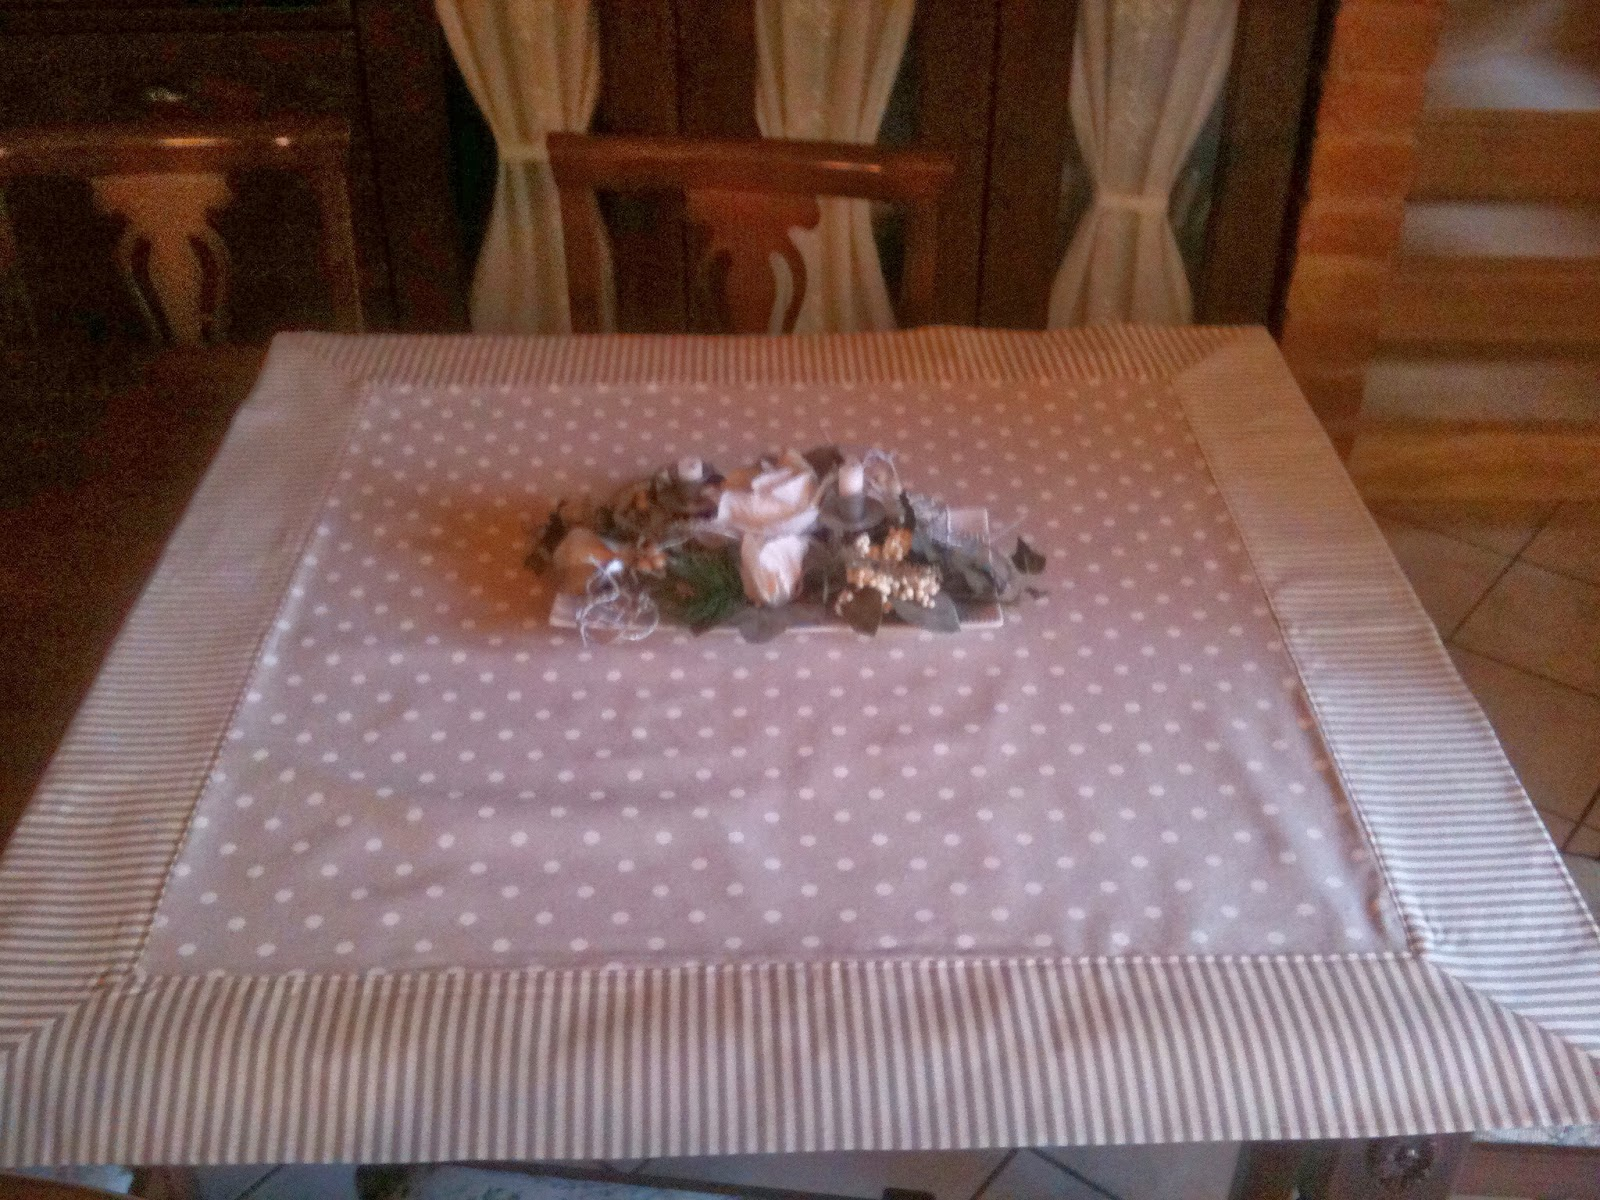 Pure heart di francesca pugliese copri tavolo shabby chic for Tovaglie shabby